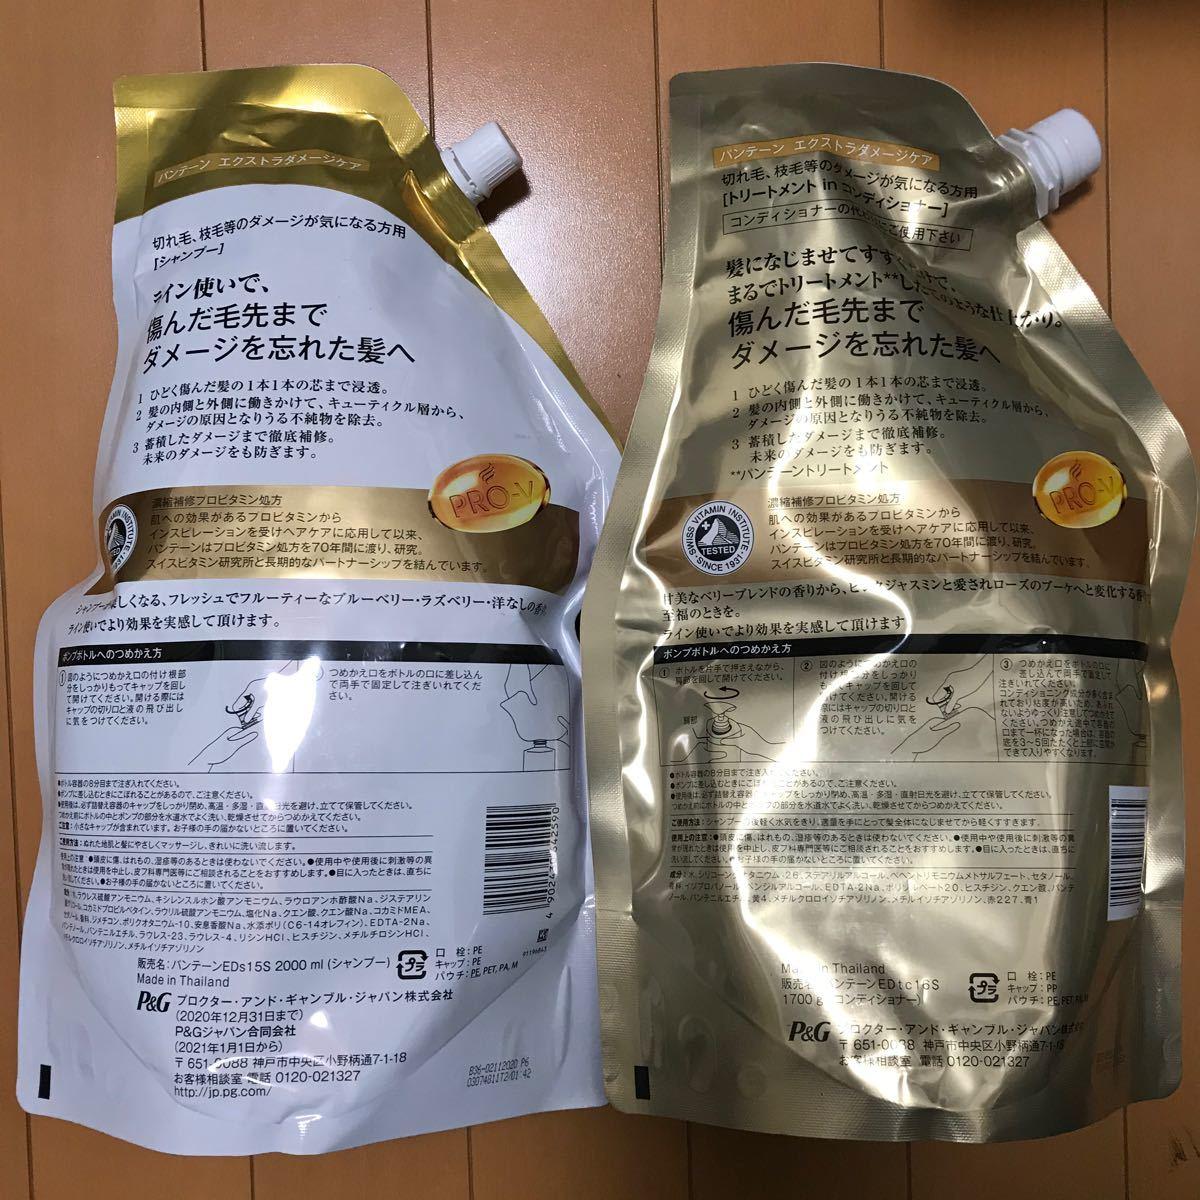 パンテーン エクストラ ダメージケア シャンプー 2000ml /コンディショナー 1700g 超特大 2袋セット